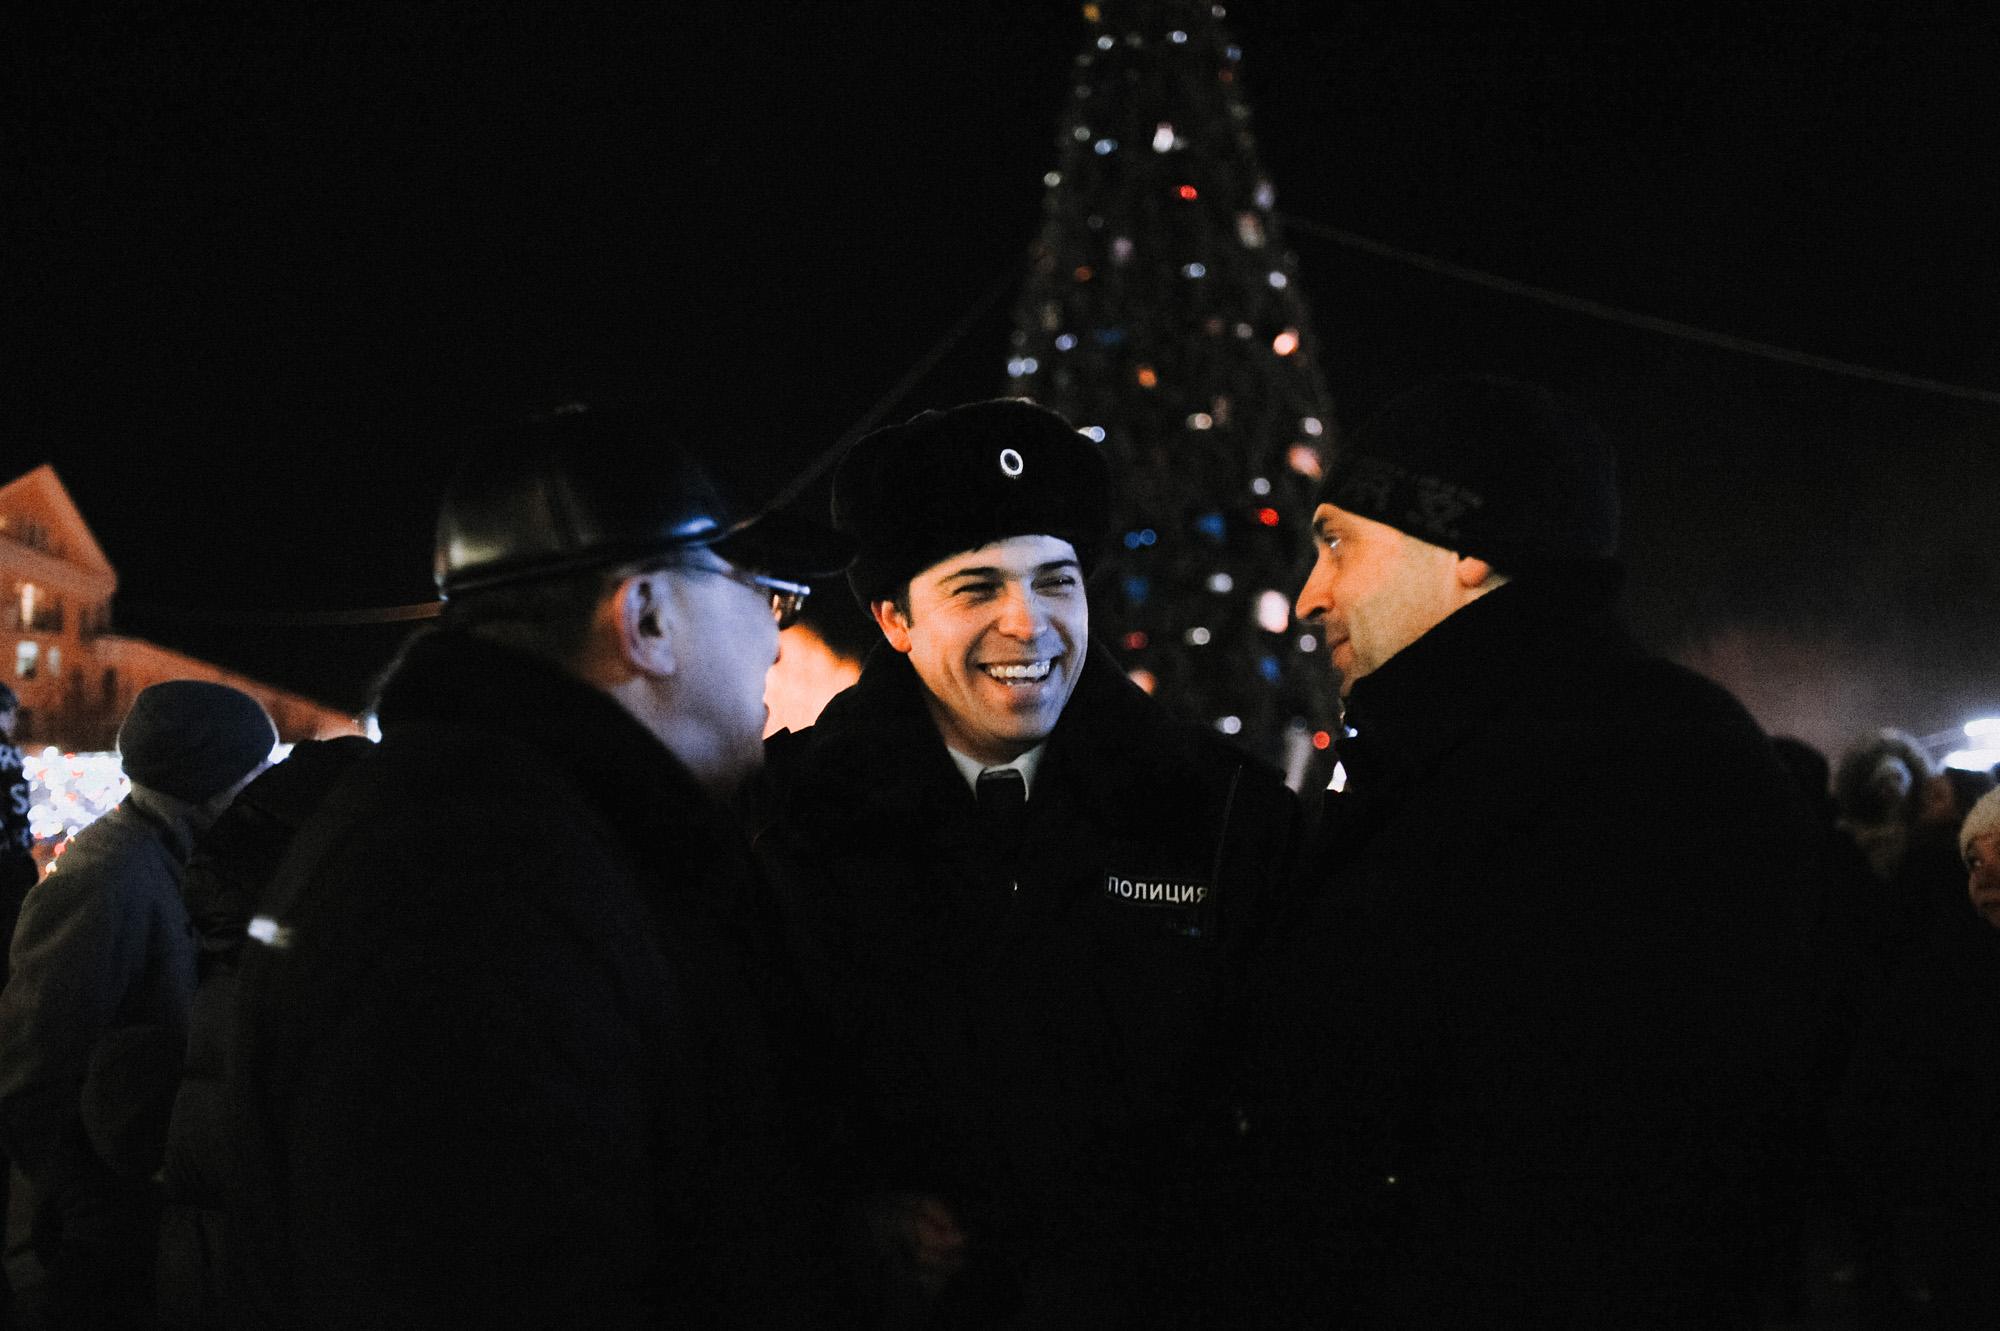 ZZZ 6902 В Астрахани на площади Ленина зажгли новогоднюю елку: кадры торжества